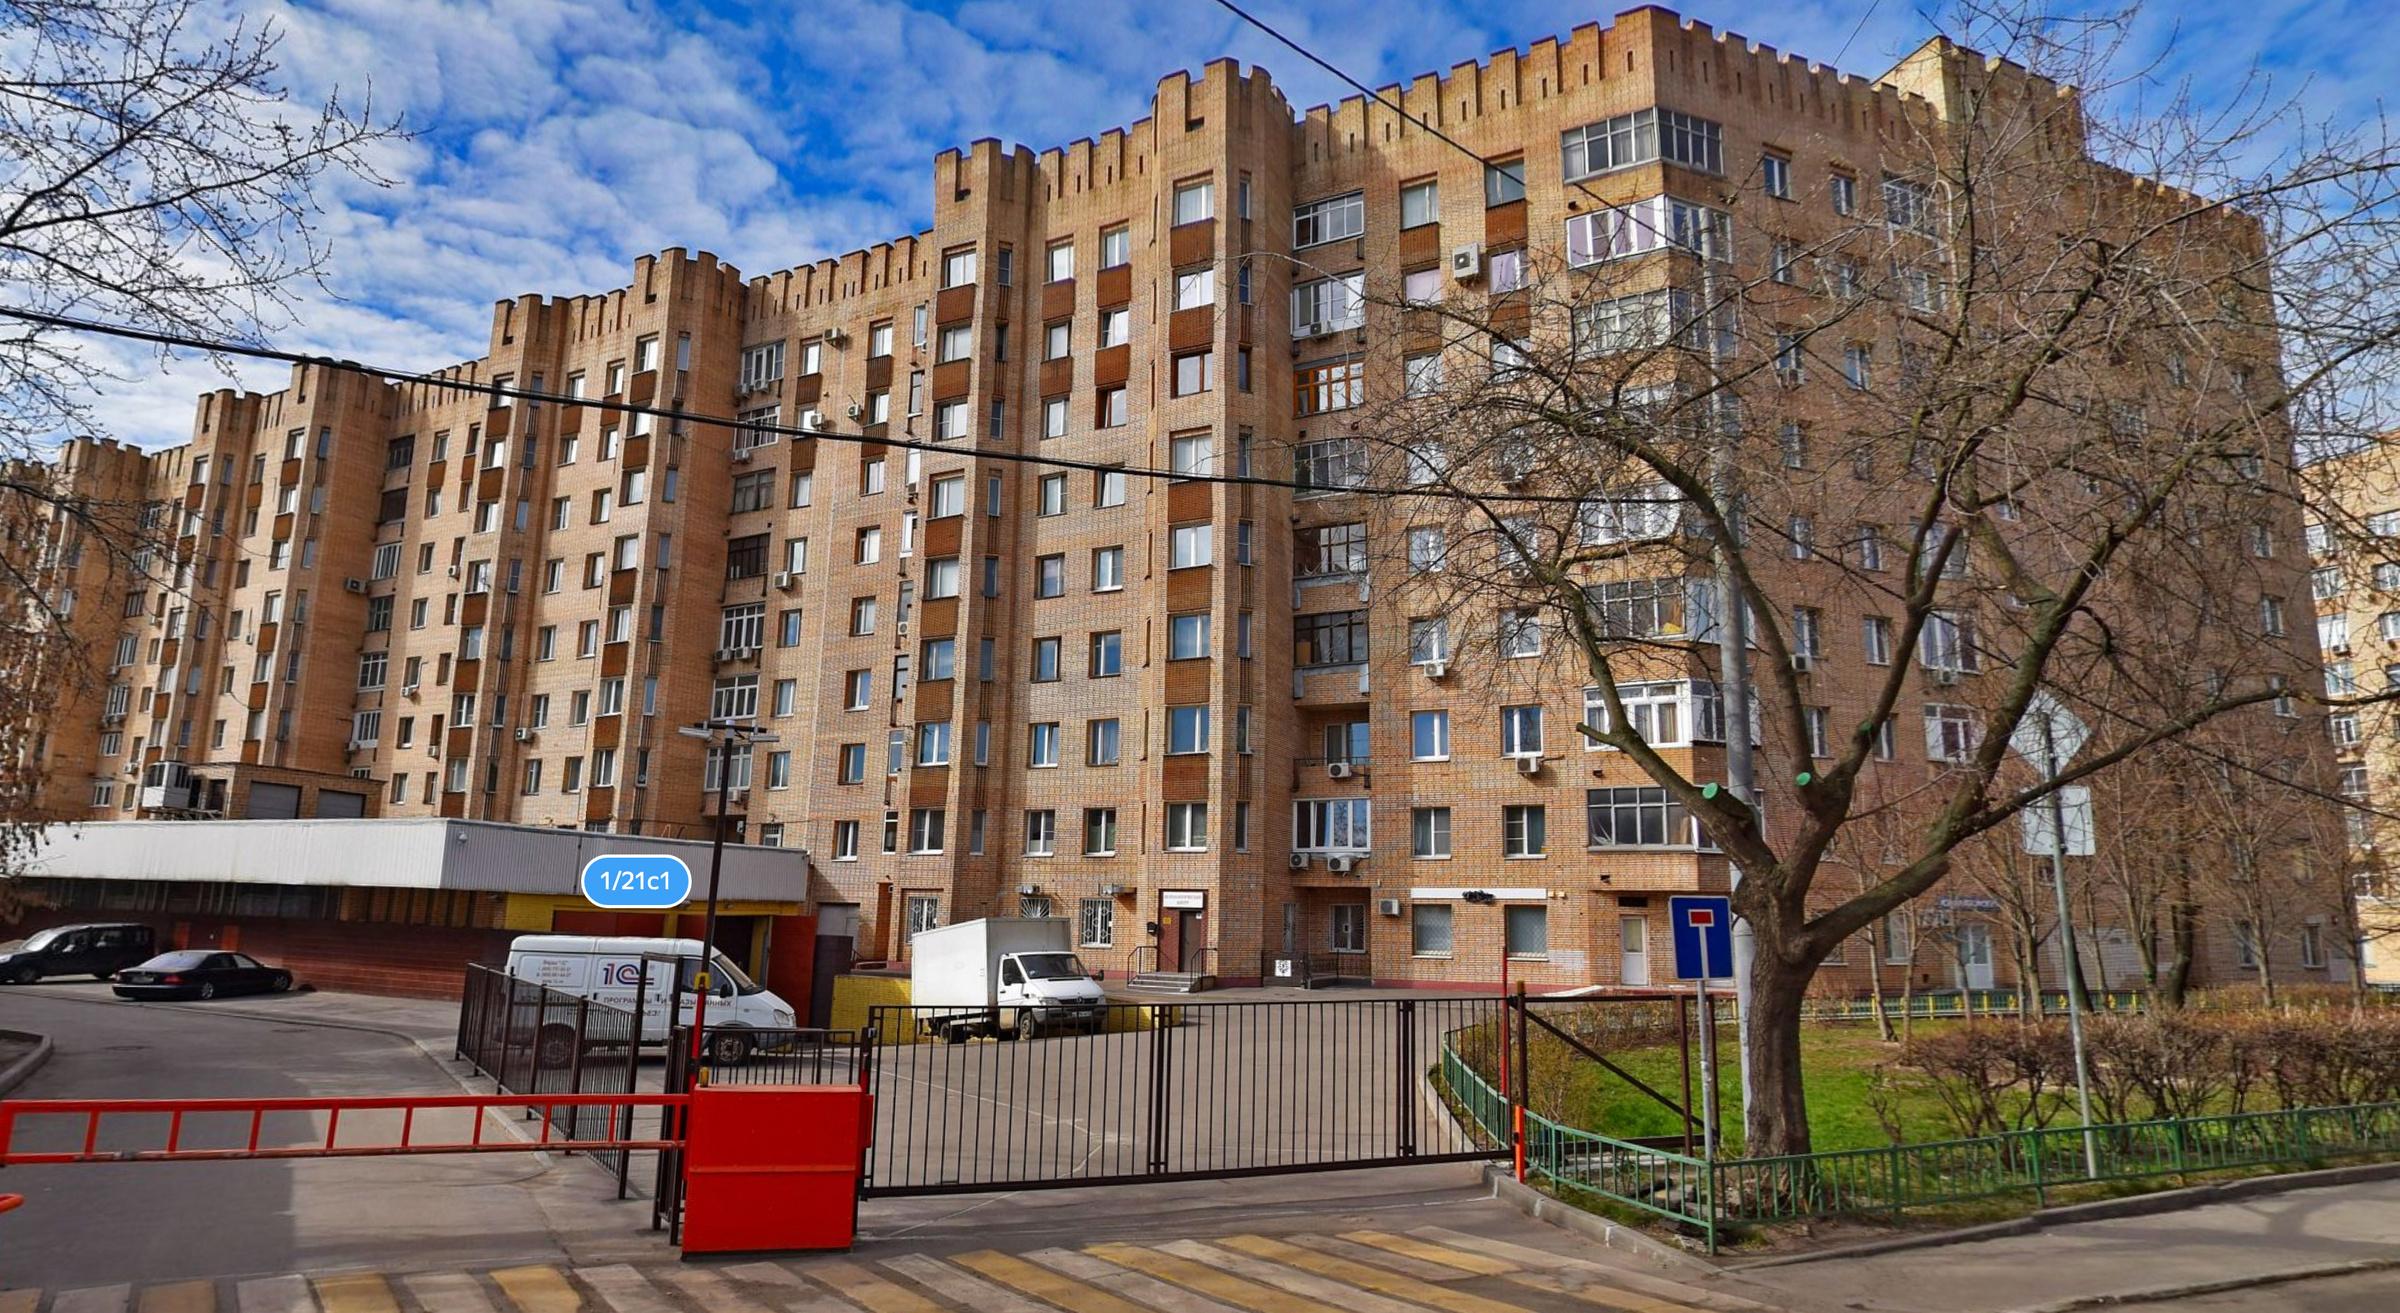 Дом на улице Достоевского. Фото © Яндекс.Карты